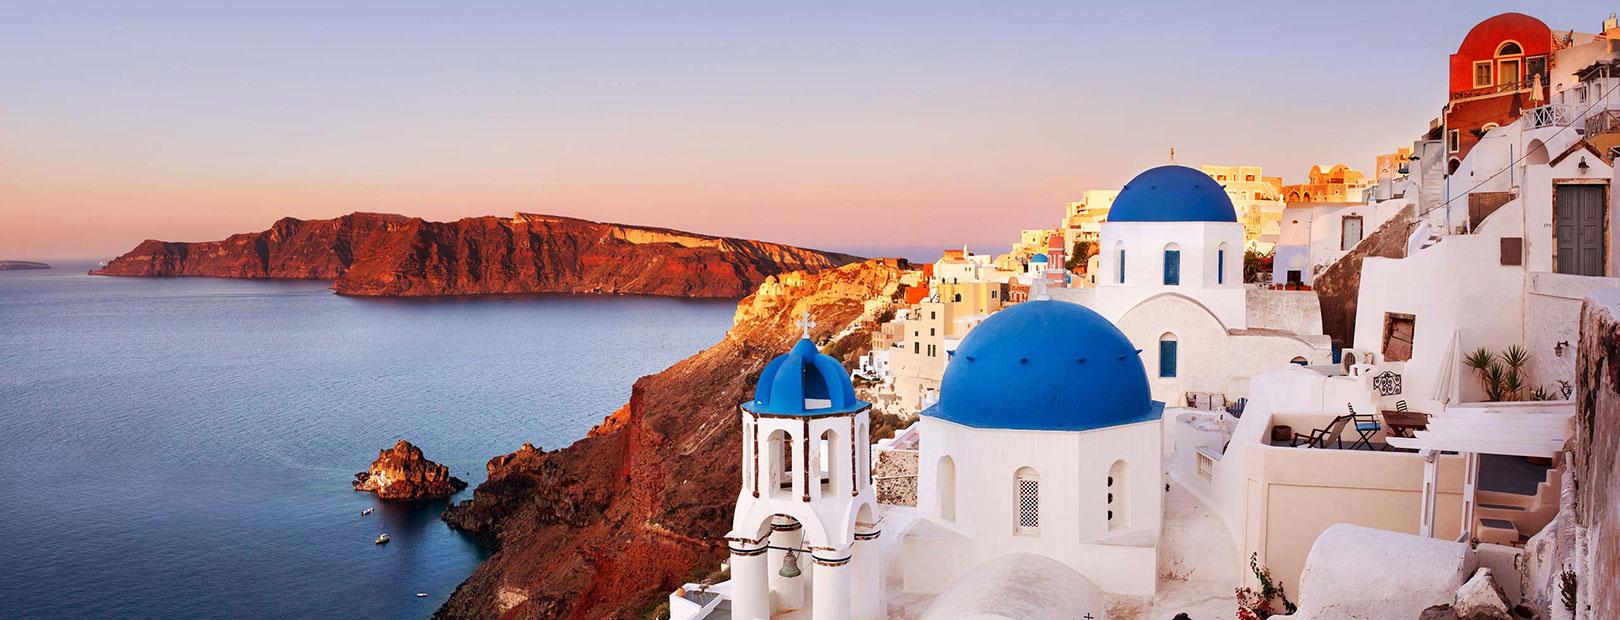 Offerta pacchetti vacanze in Grecia